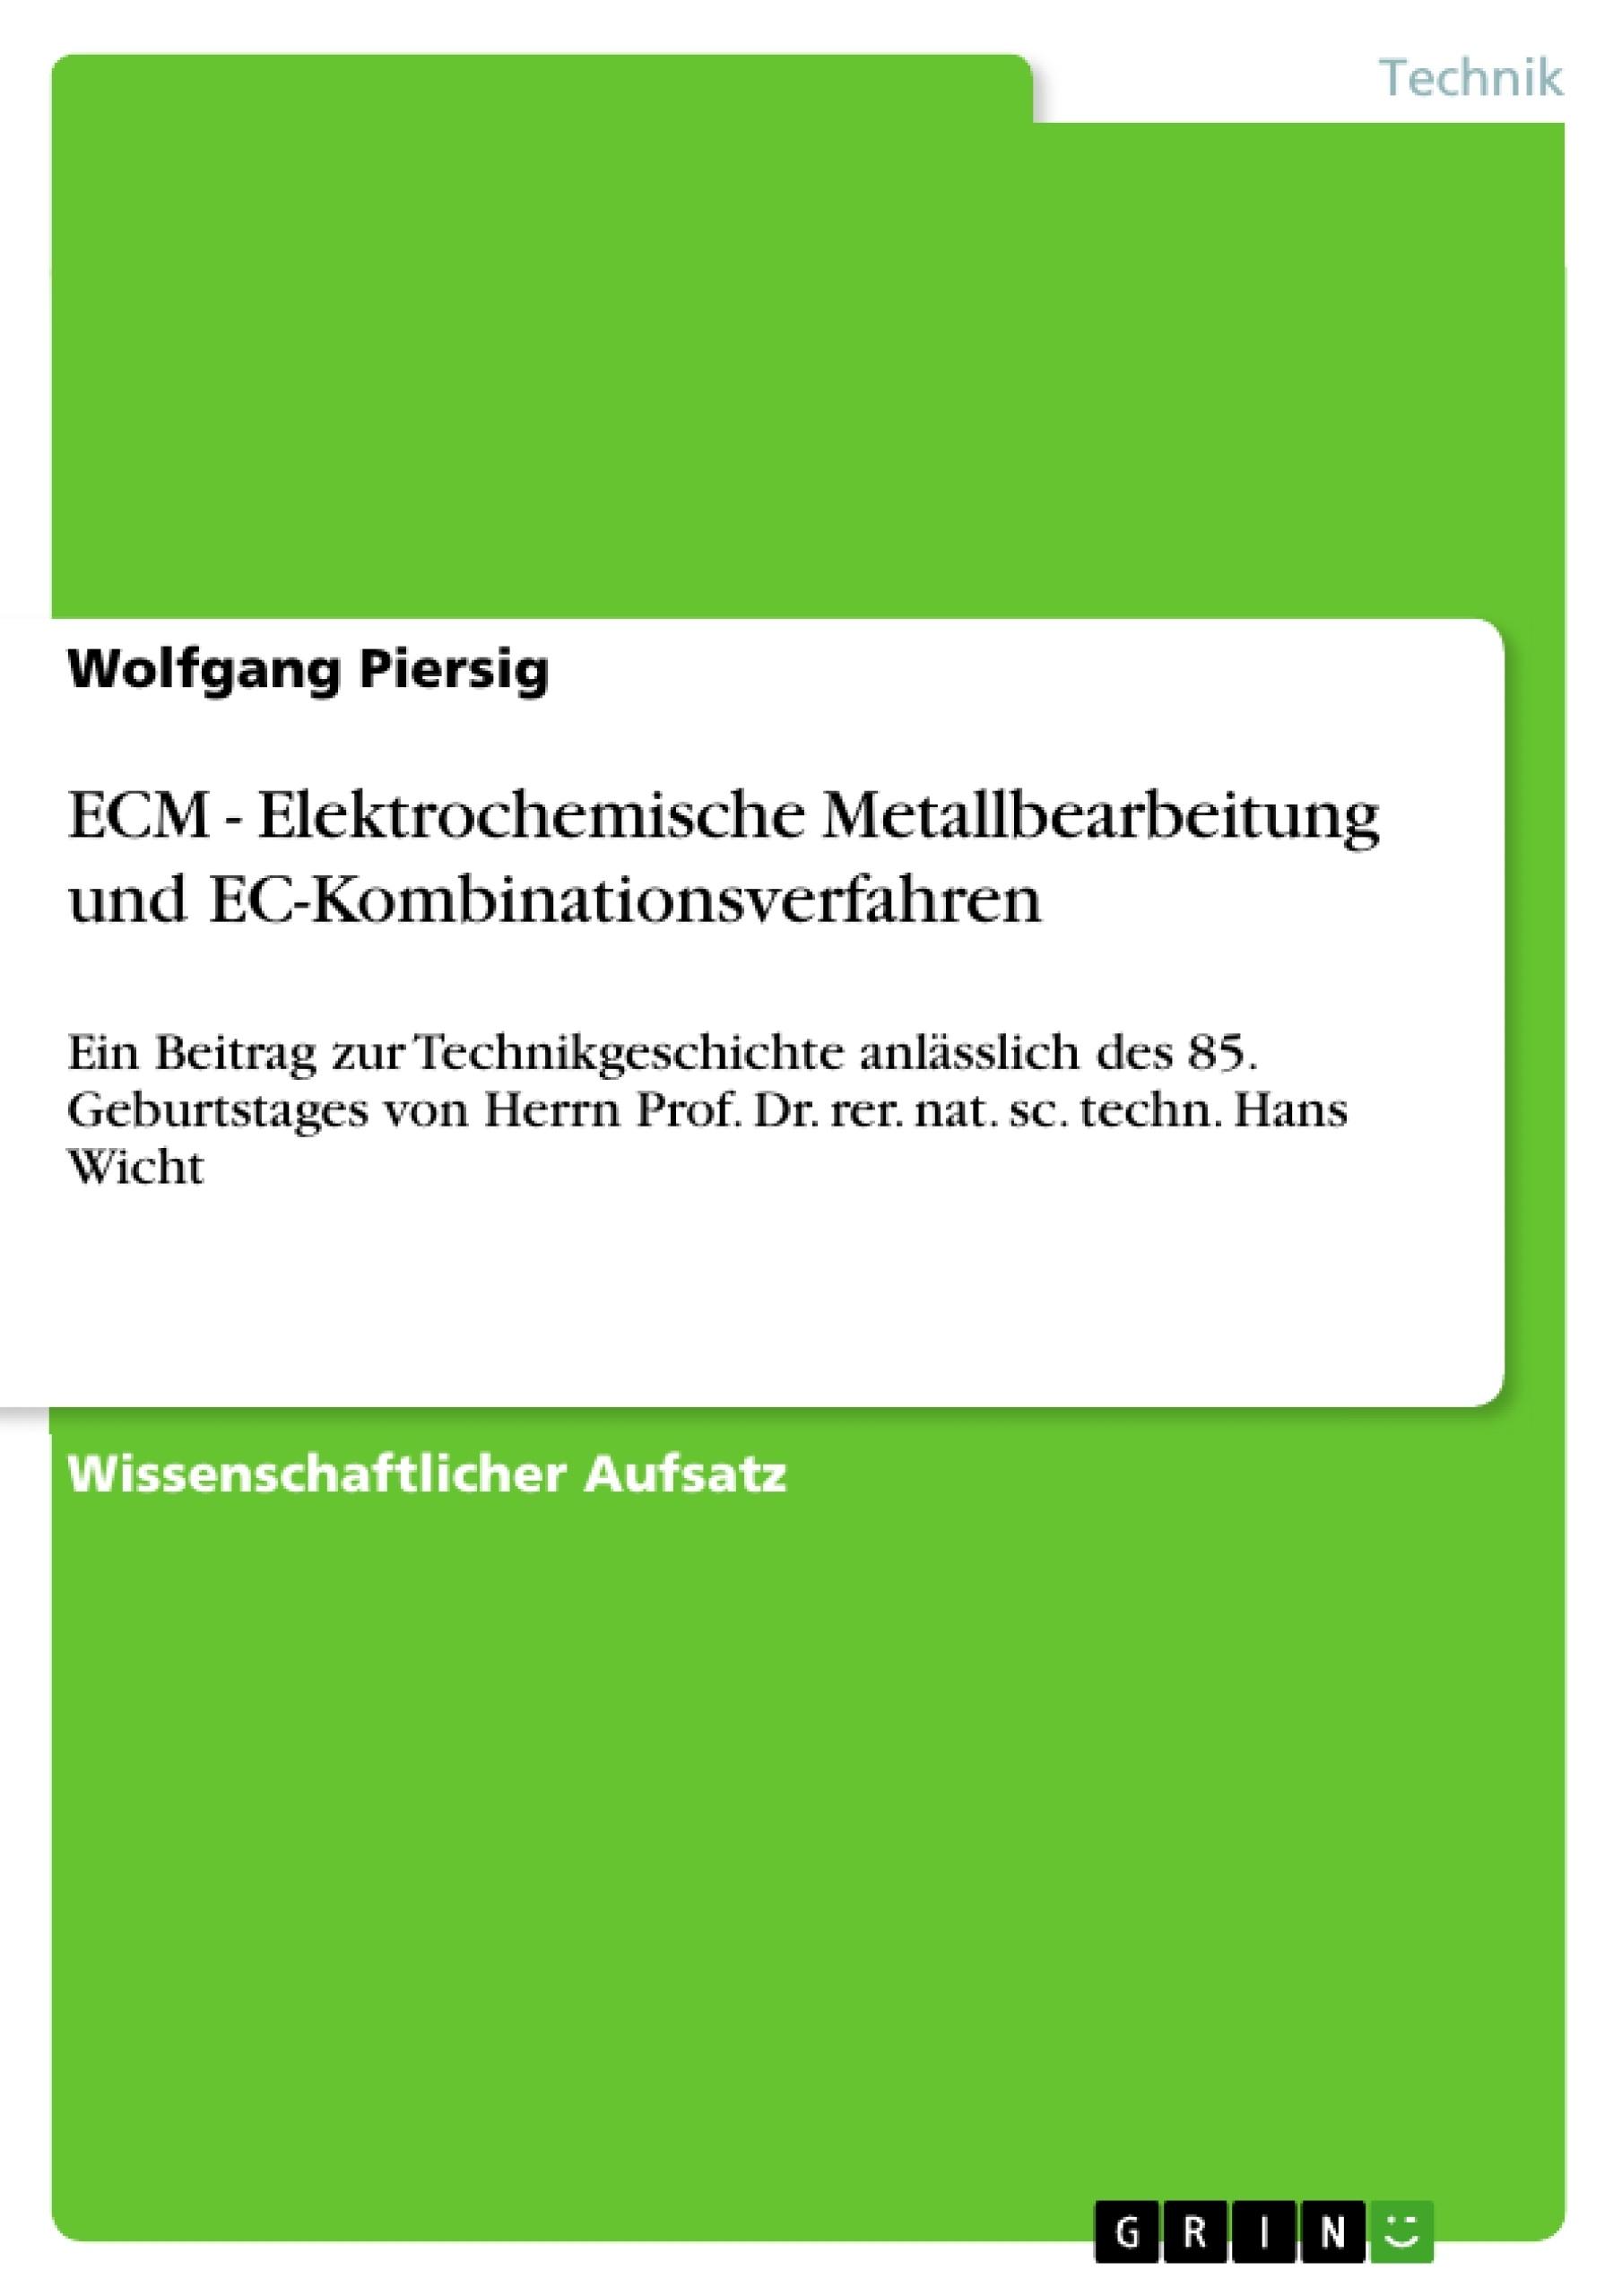 Titel: ECM - Elektrochemische Metallbearbeitung und EC-Kombinationsverfahren